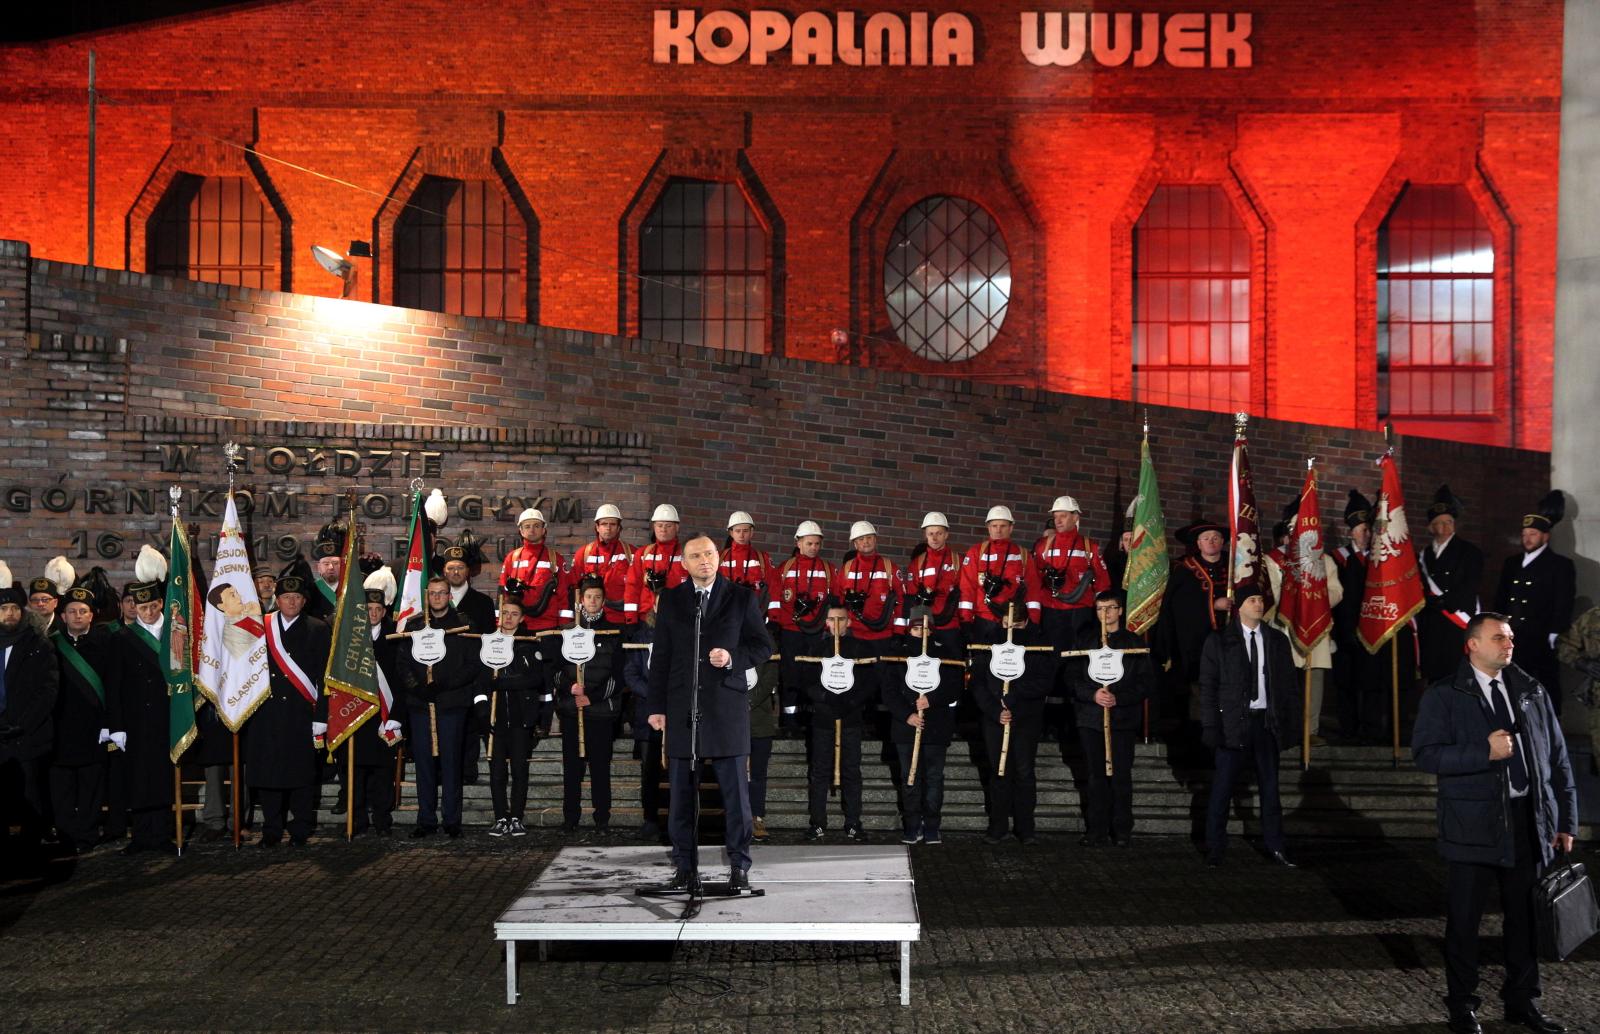 Prezydent Andrzej Duda podczas  uroczystośœci przed Krzyżem-Pomnikiem przy kopalni Wujek w 35. rocznicę pacyfikacji kopalni. Fot. PAP/Andrzej Grygiel